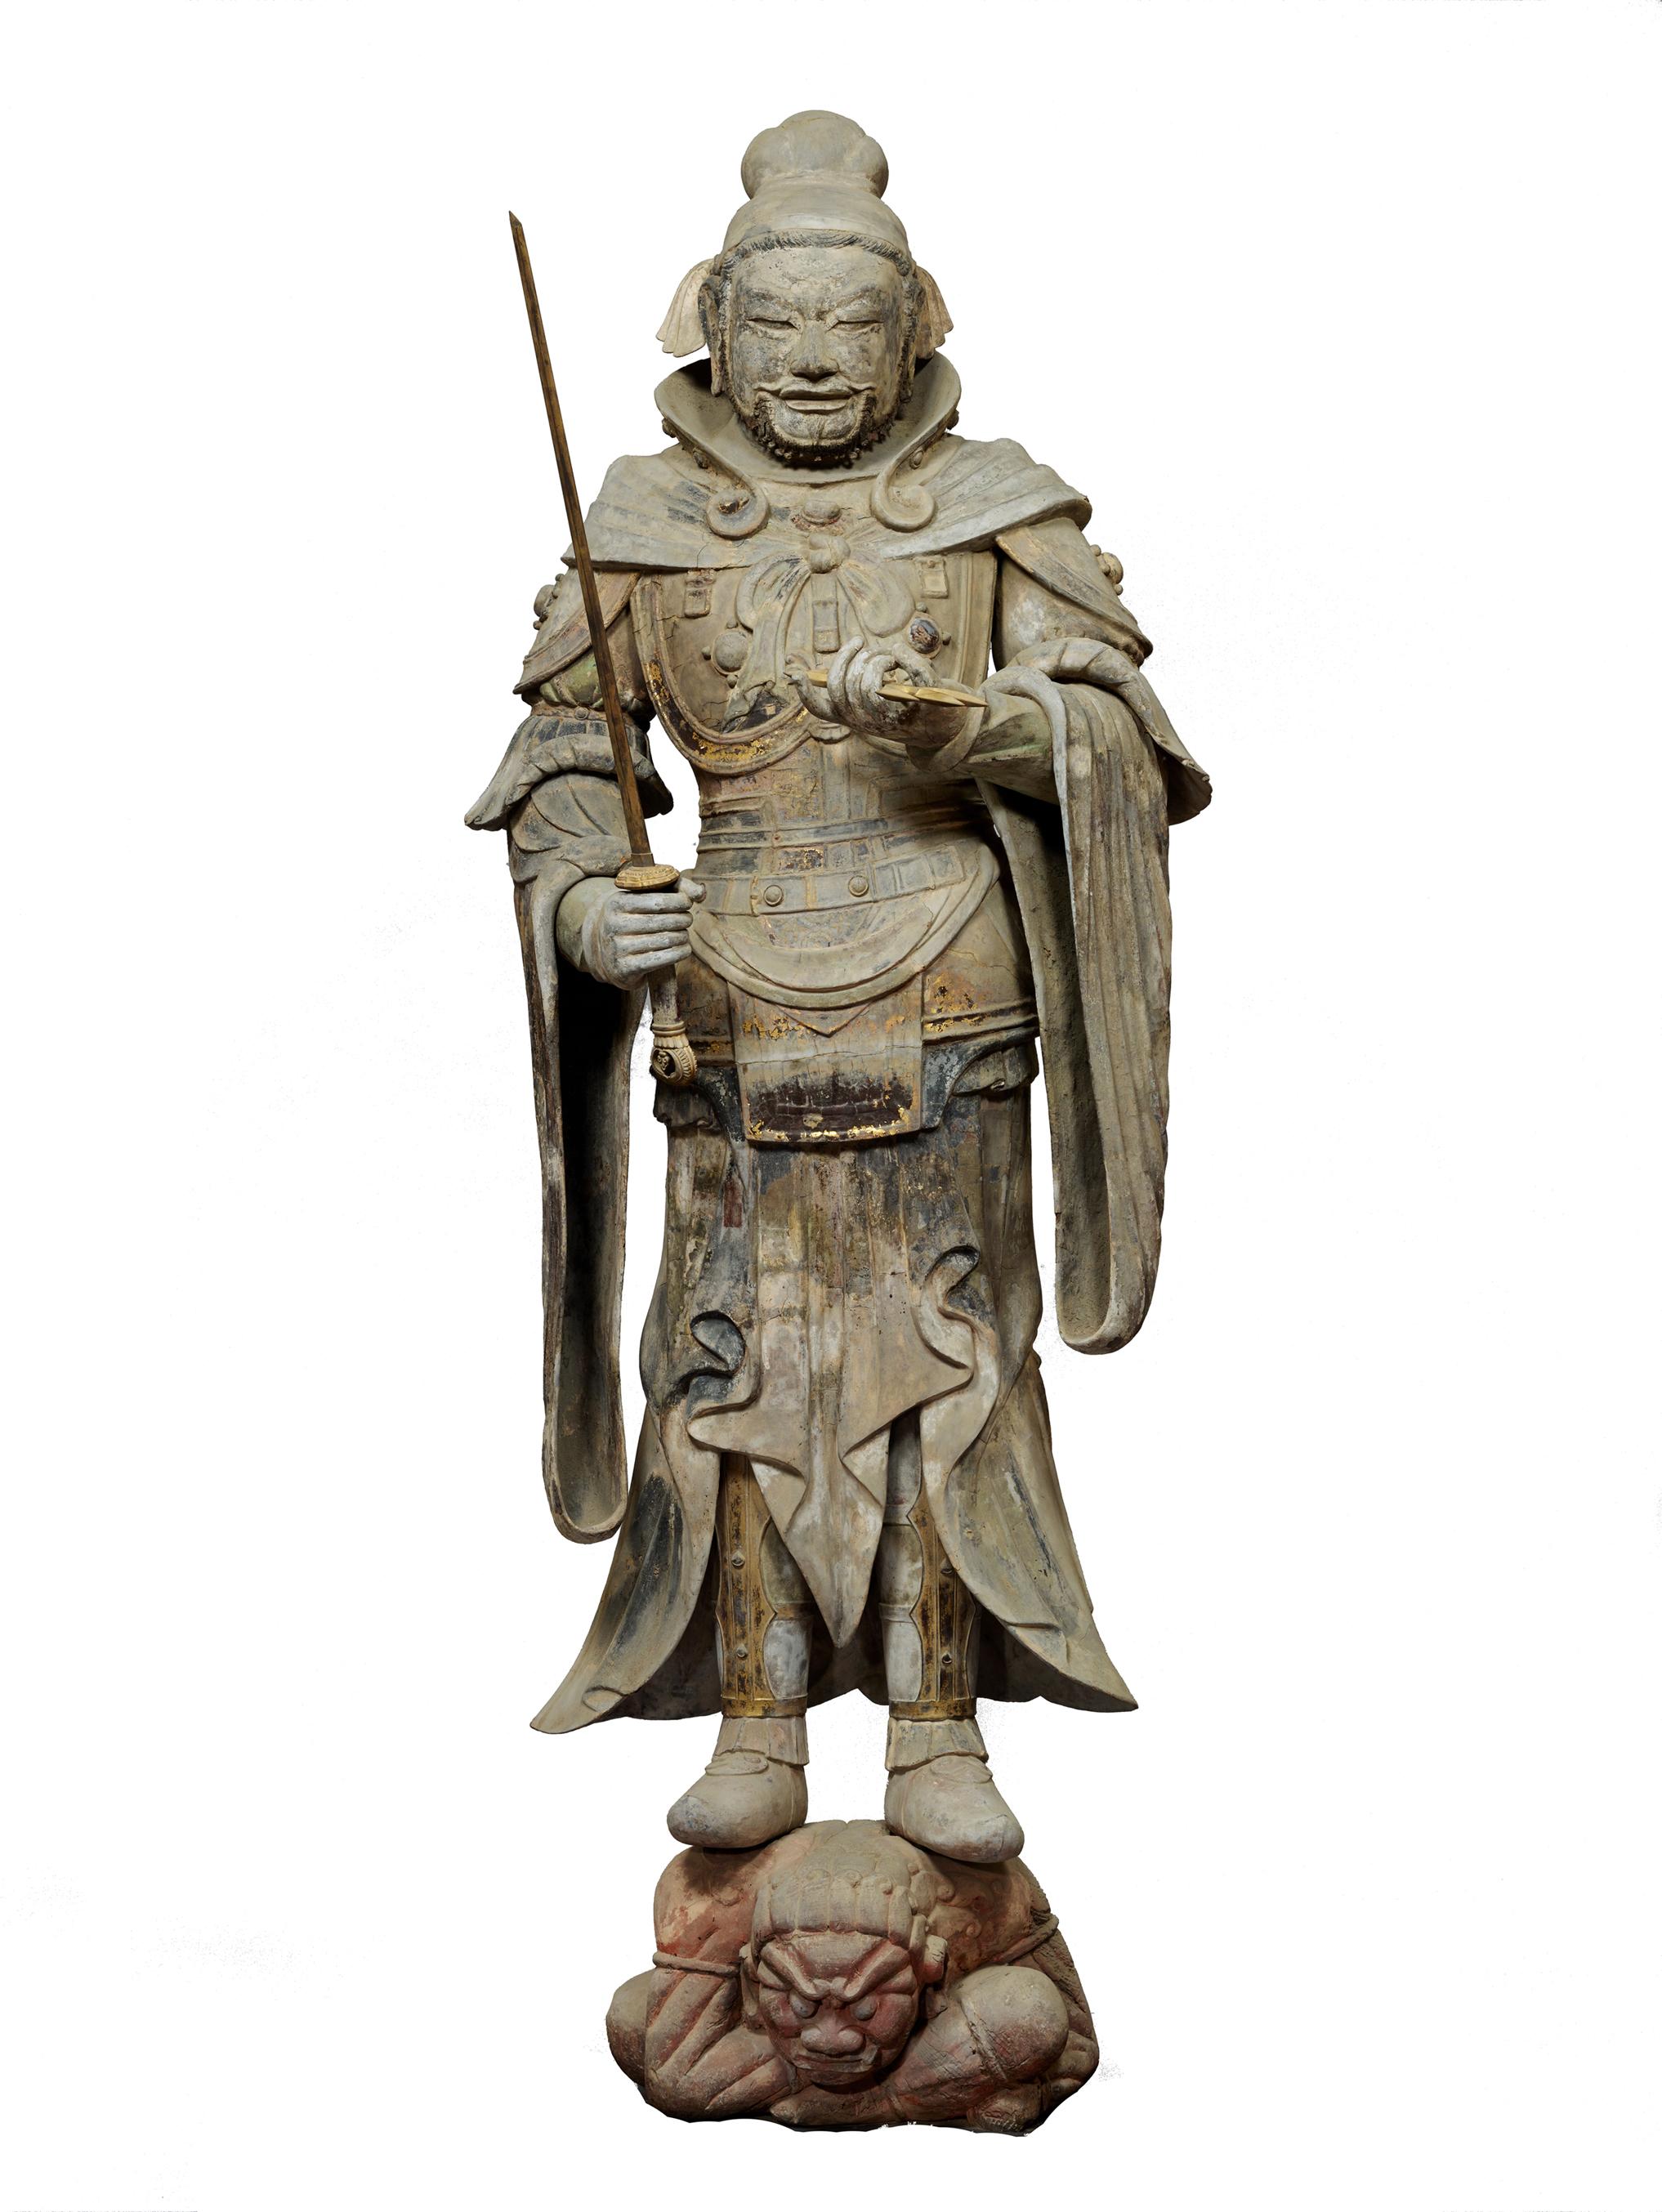 重要文化財 持国天立像(四天王像のうち) 飛鳥時代・7世紀 奈良・當麻寺蔵 画像提供:奈良国立博物館(撮影:佐々木香輔)